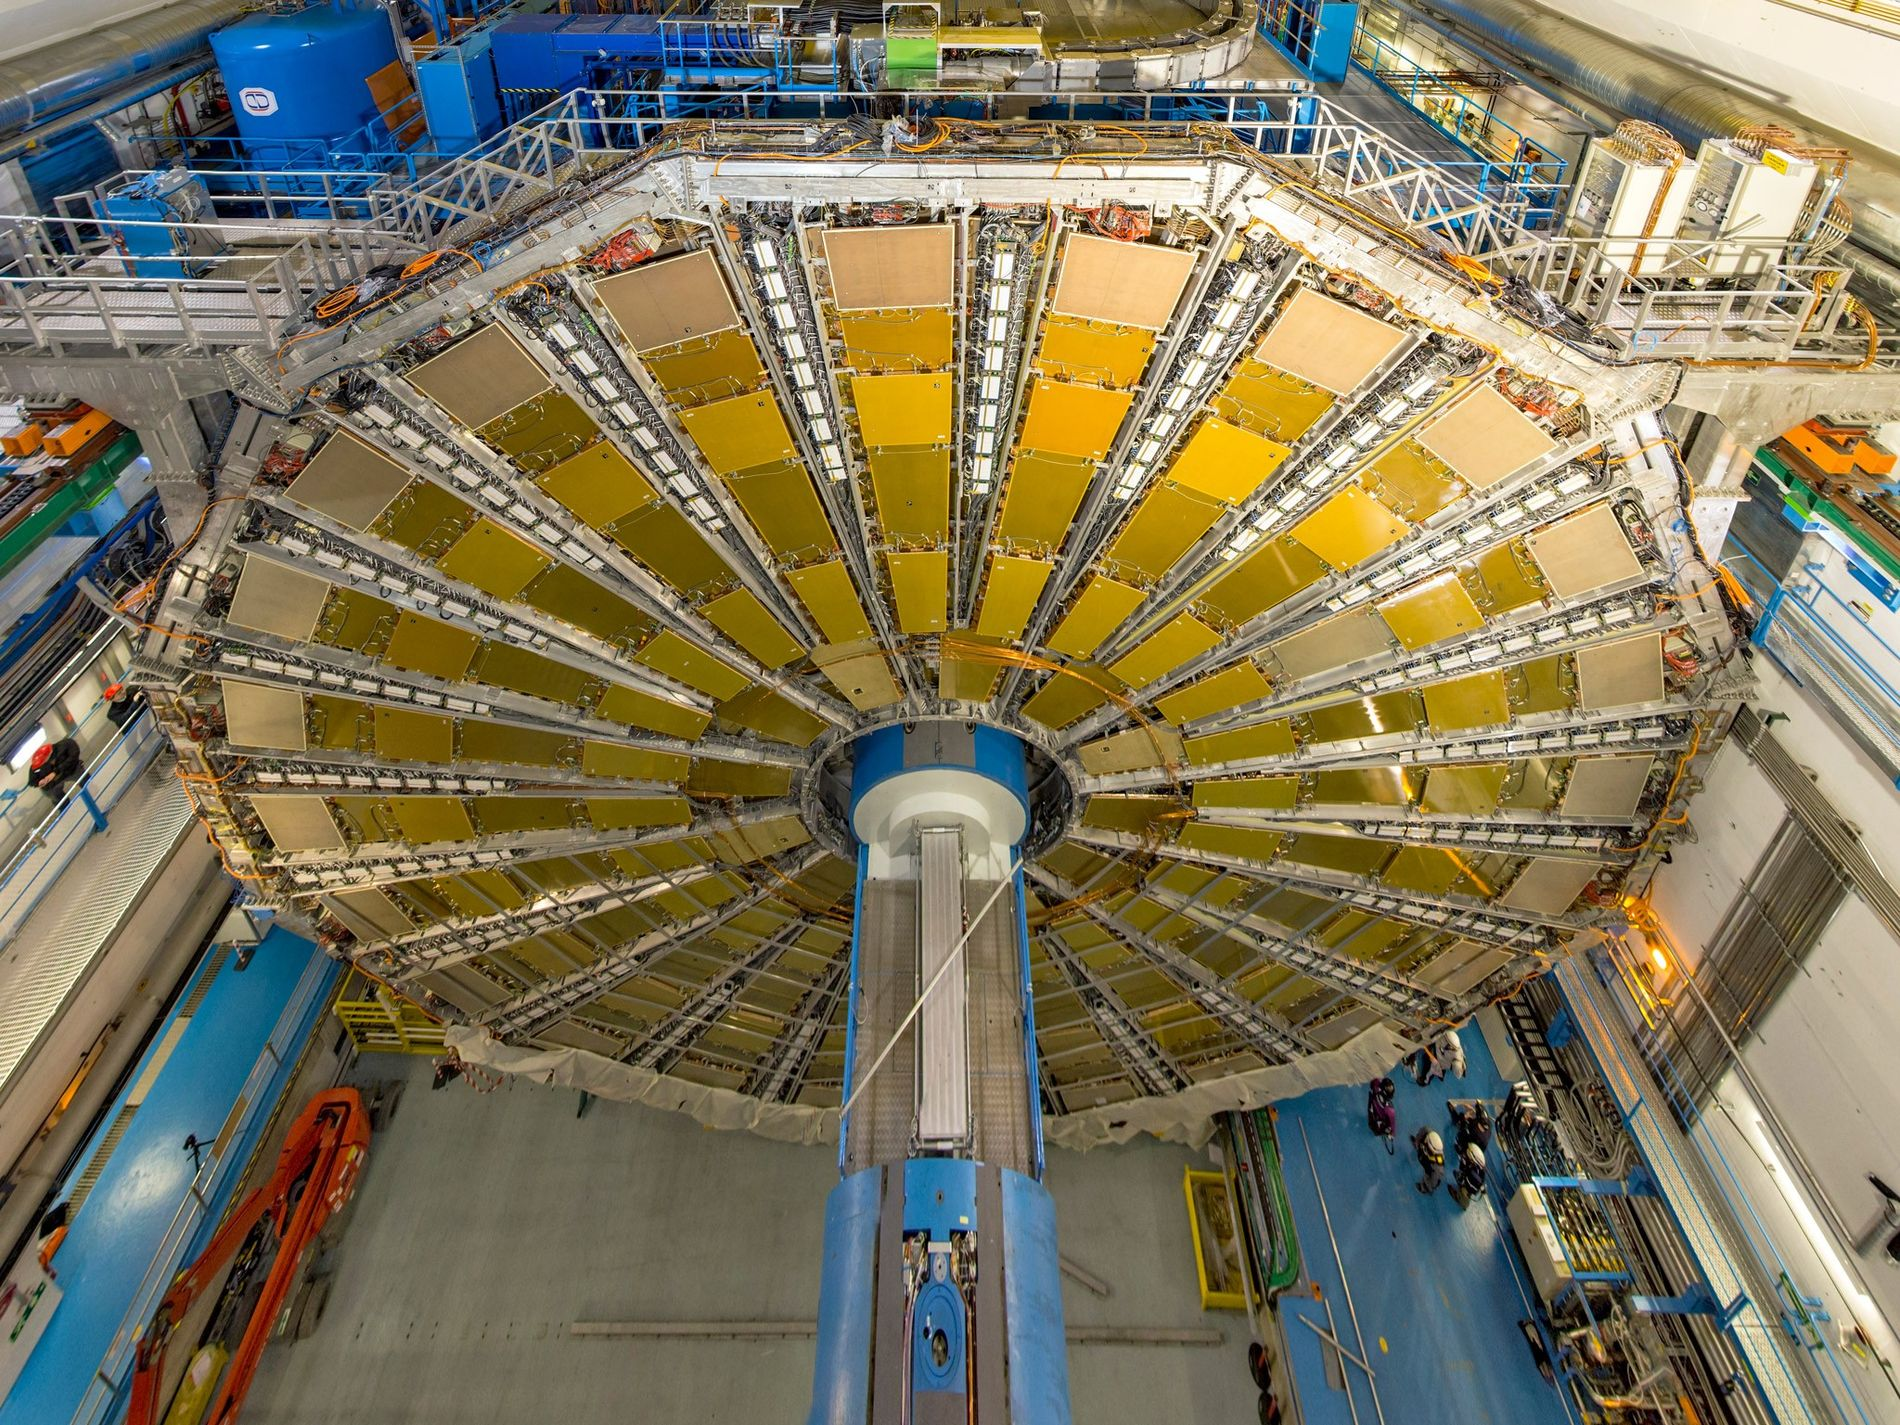 L'une des deux expériences ayant permis l'observation de la décomposition du boson de Higgs s'est tenue au détecteur ATLAS du laboratoire CERN, situé près de Genève, en Suisse.